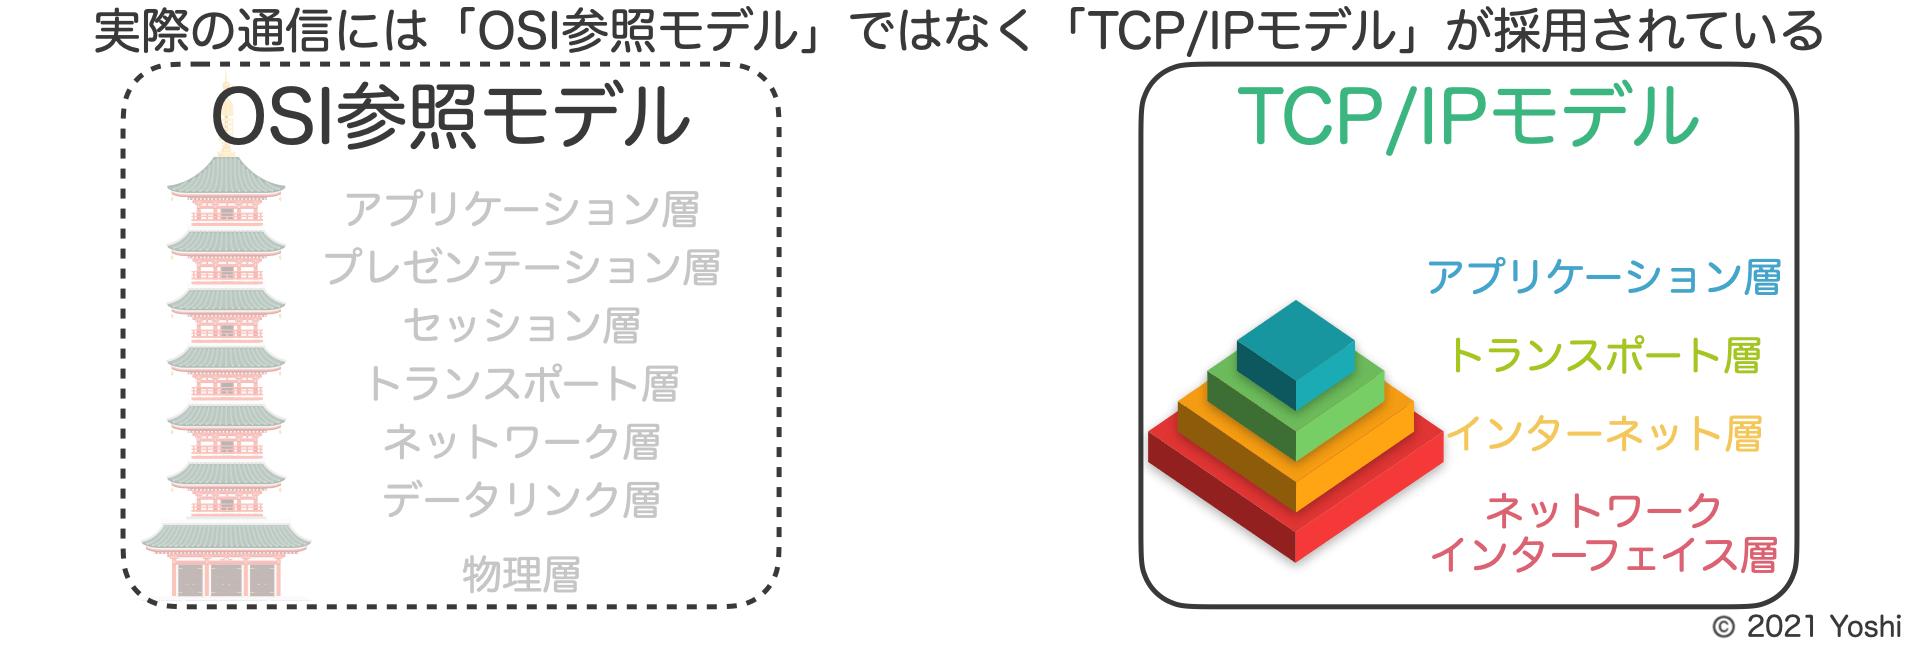 実際の通信にはOSI参照モデルではなくTCP/IPが使用されている